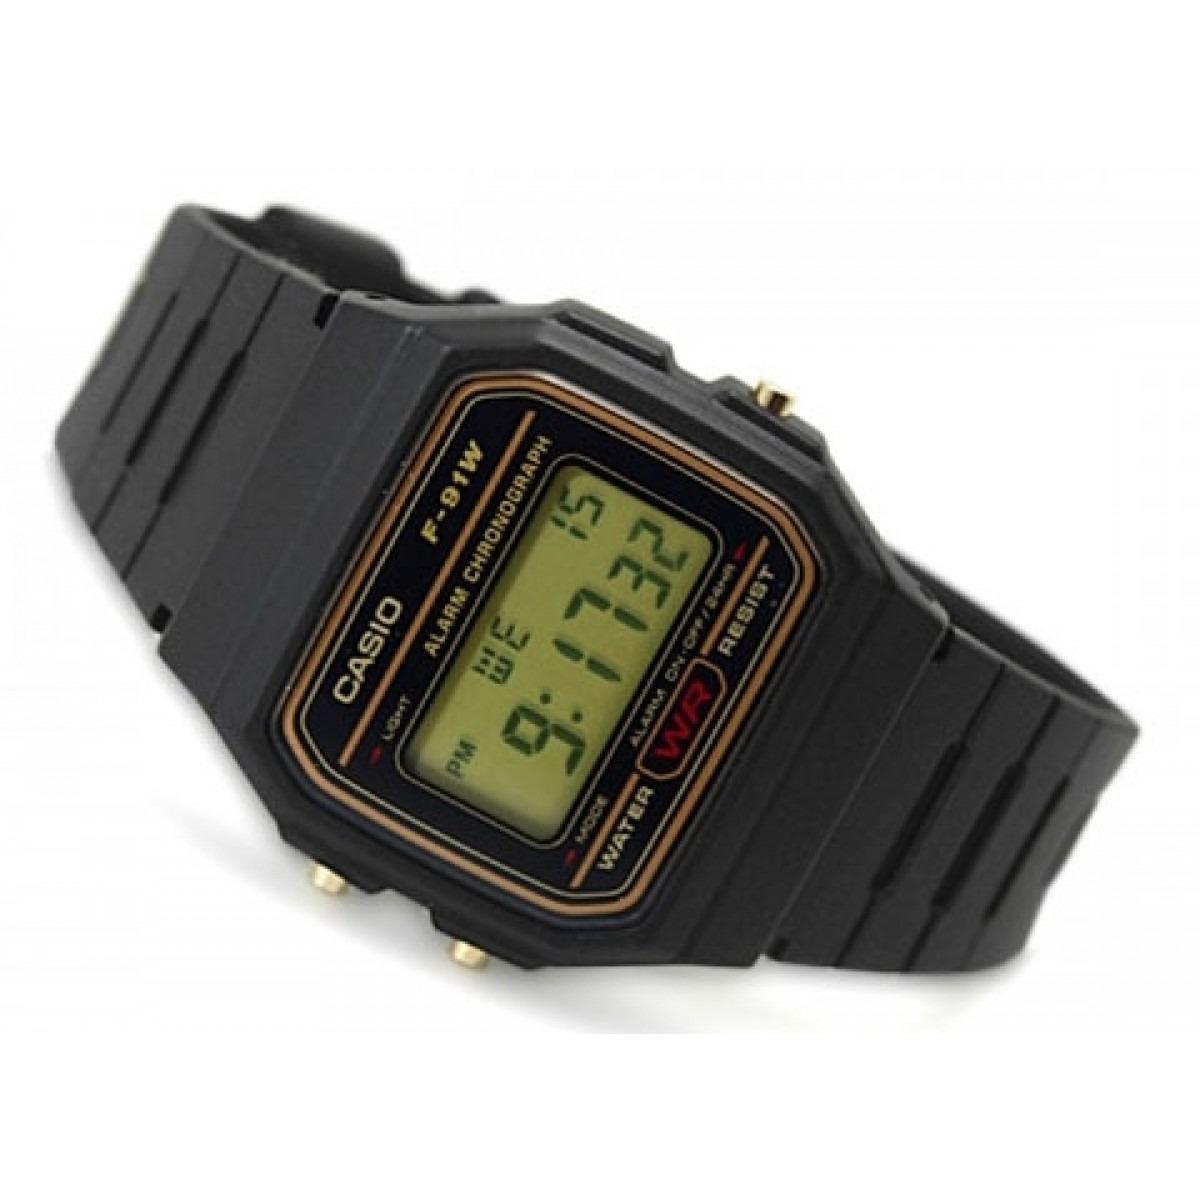 dafeb440de3 relógio casio f 91 série ouro original. Carregando zoom.